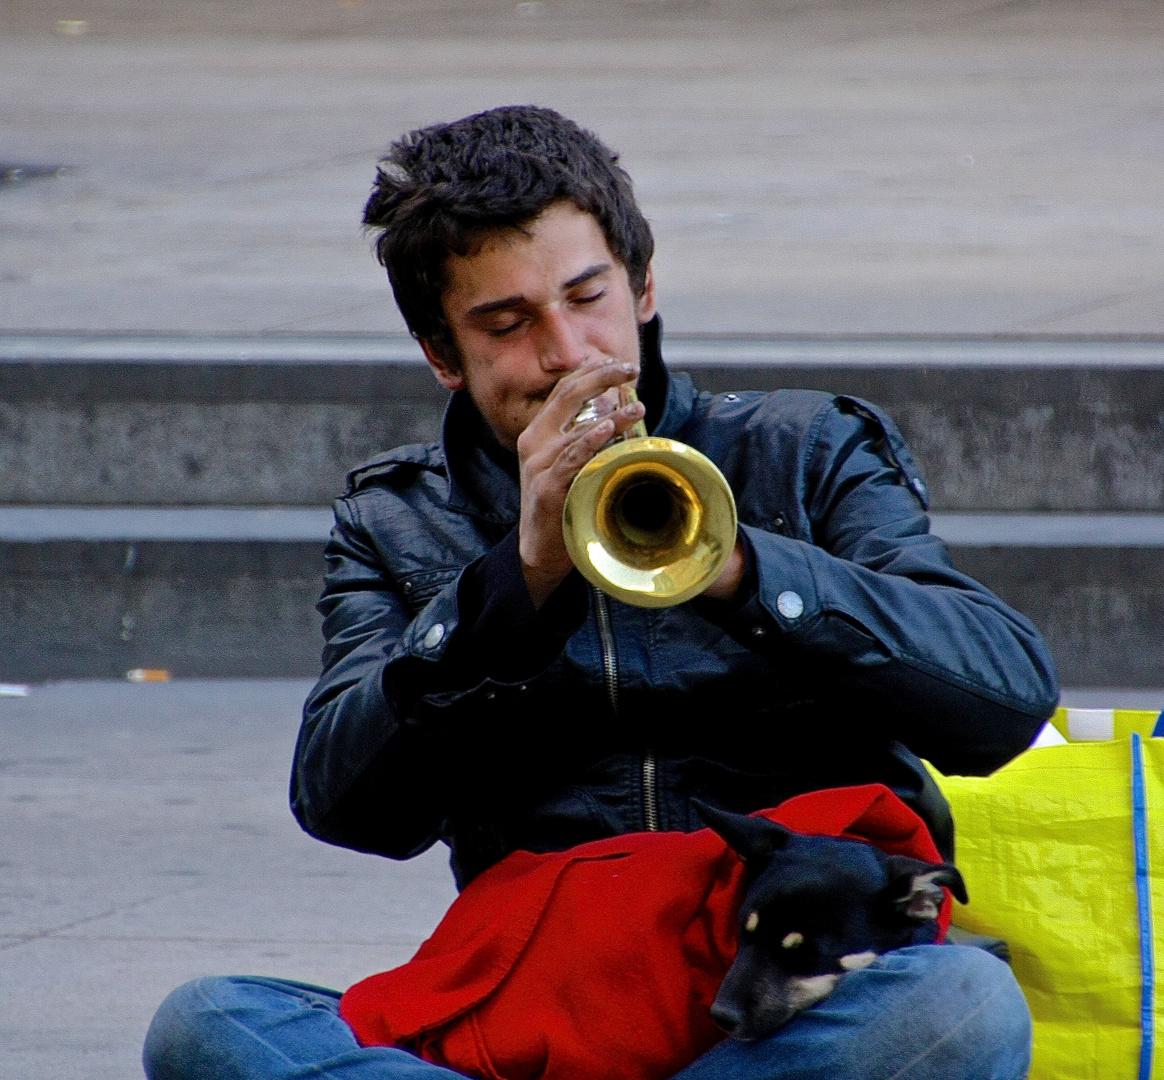 Straßenmusiker in Berlin